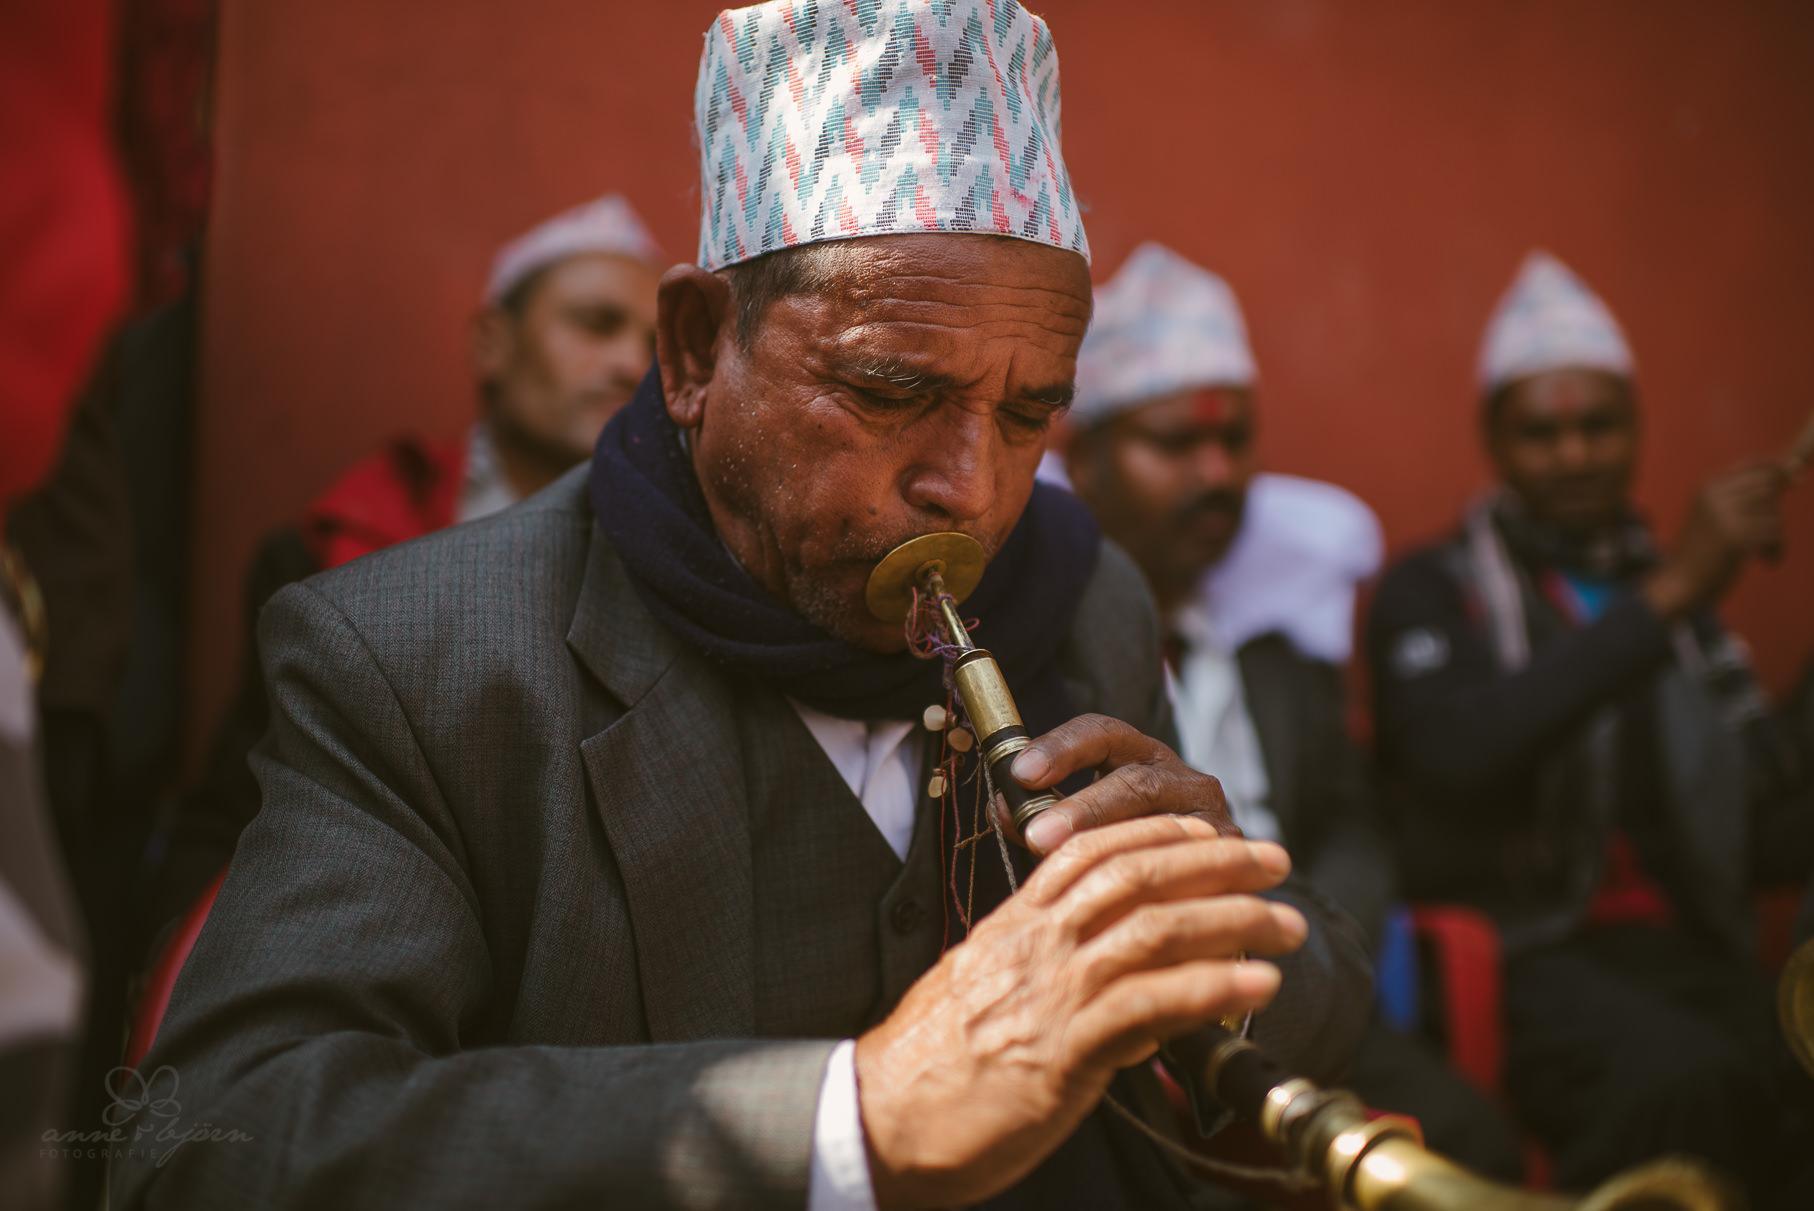 0020 anne und bjoern chitwan nationalpark nepal d75 3563 2 - Nepal Teil 3 - Roadtrip, Chitwan Nationalpark und eine spontane Hochzeit